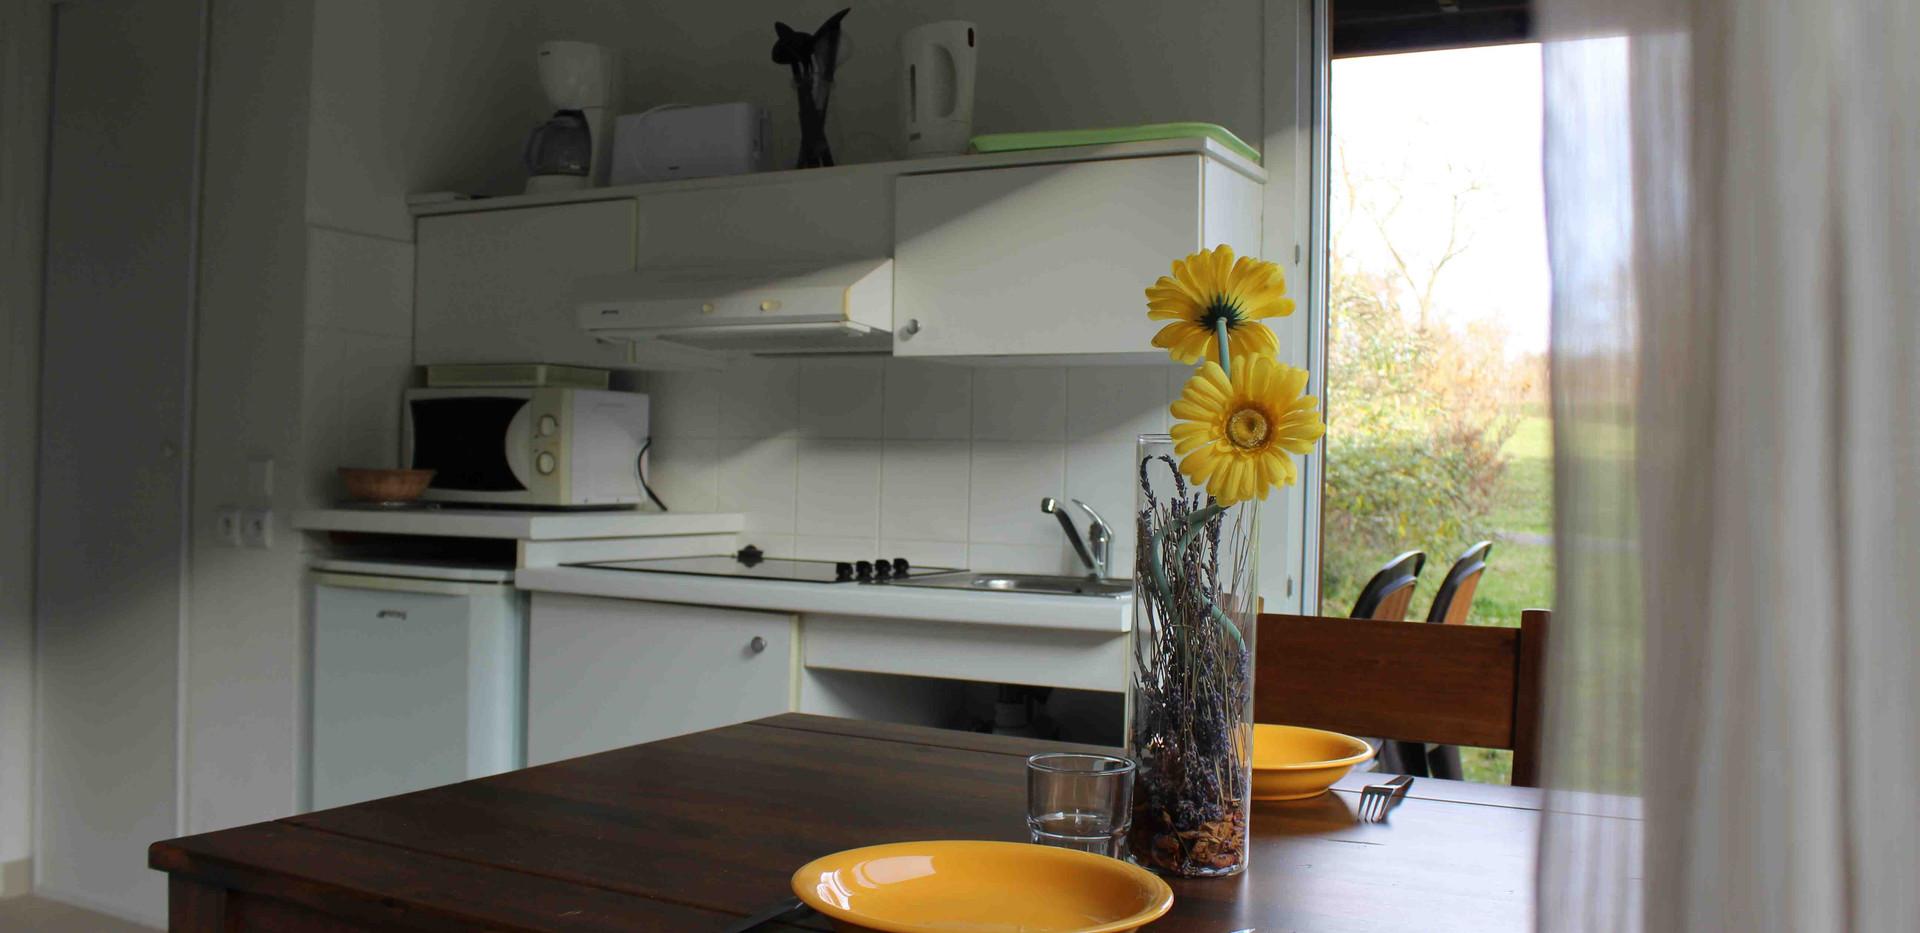 Appartement T2 PMR - Location de vacances Gers - Domaine de Saint Orens - Tourisme handicap Gers